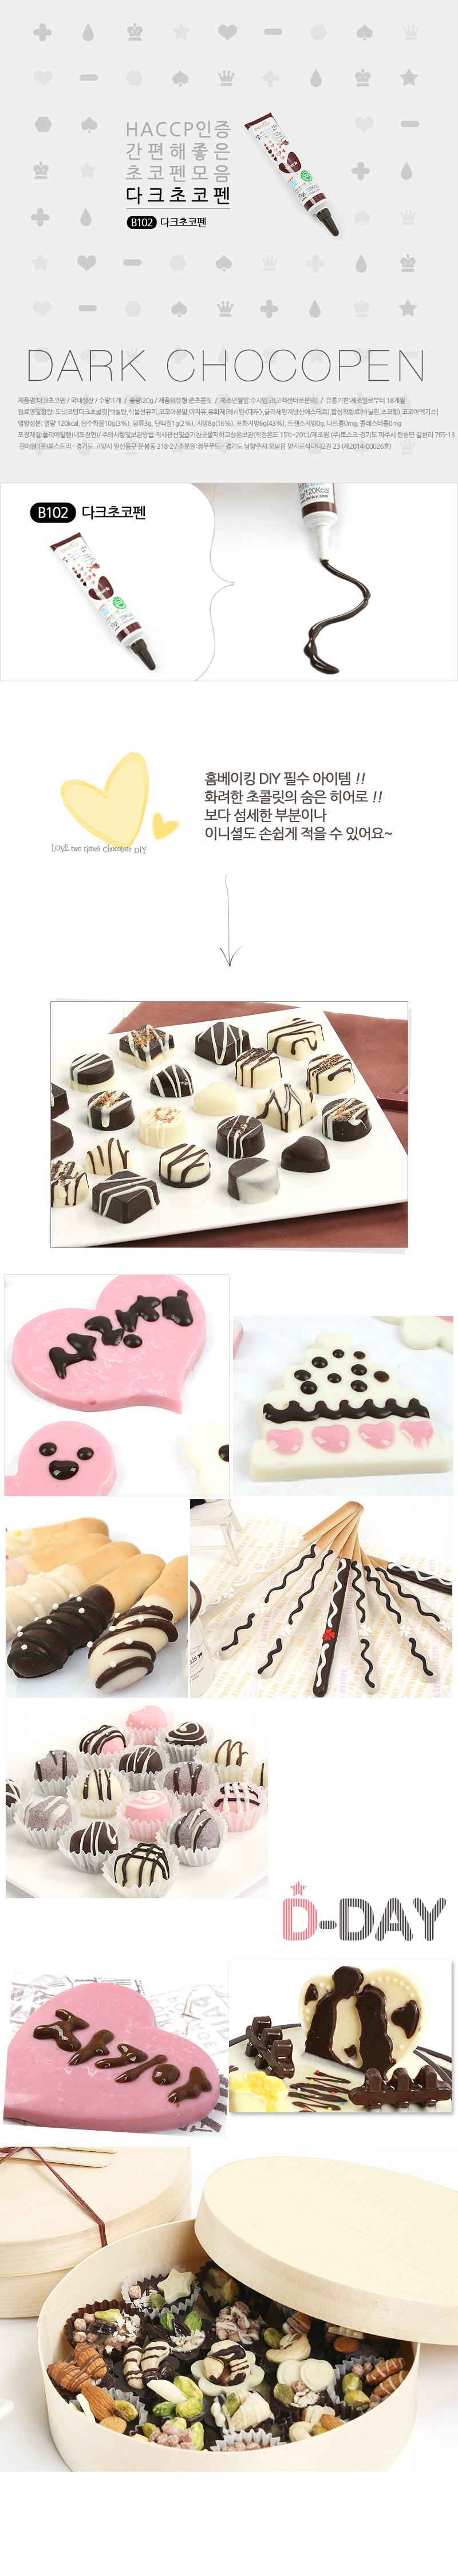 다크초코펜 - 미소짓는 하루, 1,000원, DIY재료, 초콜릿/스틱